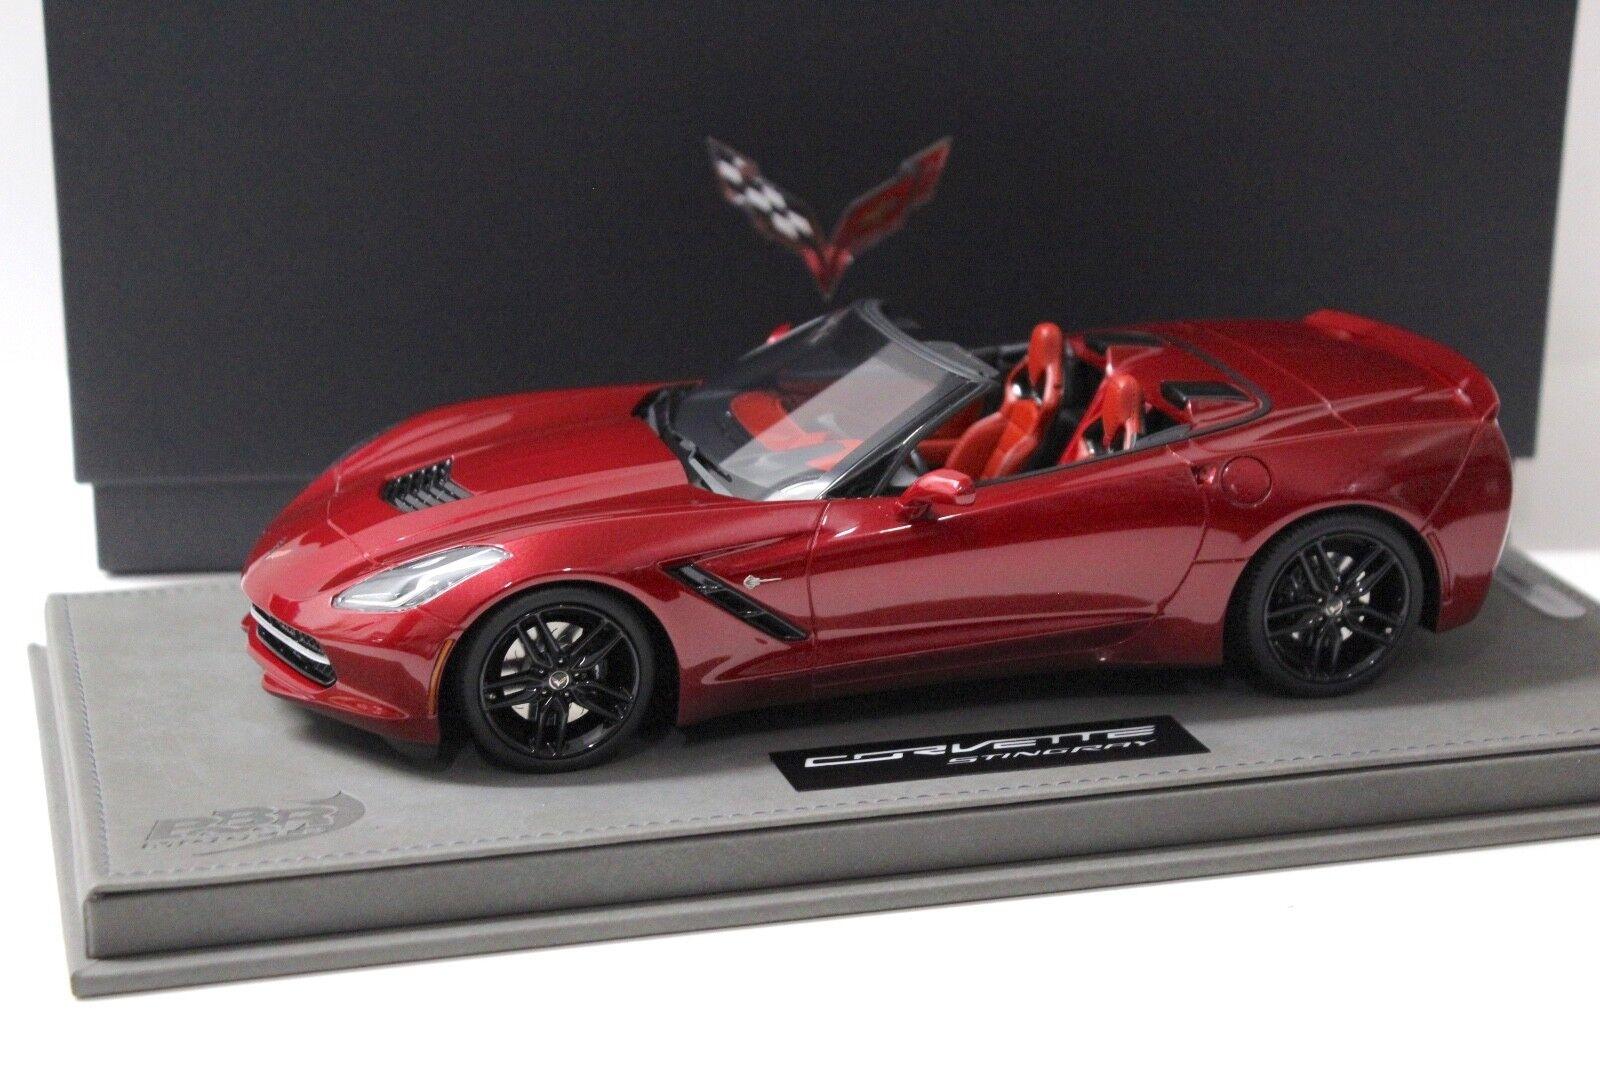 la mejor oferta de tienda online 1 18 BBR Chevrolet Corvette Stingris Converdeible Converdeible Converdeible cristalrojo New en Premium-modelCoches  descuento de ventas